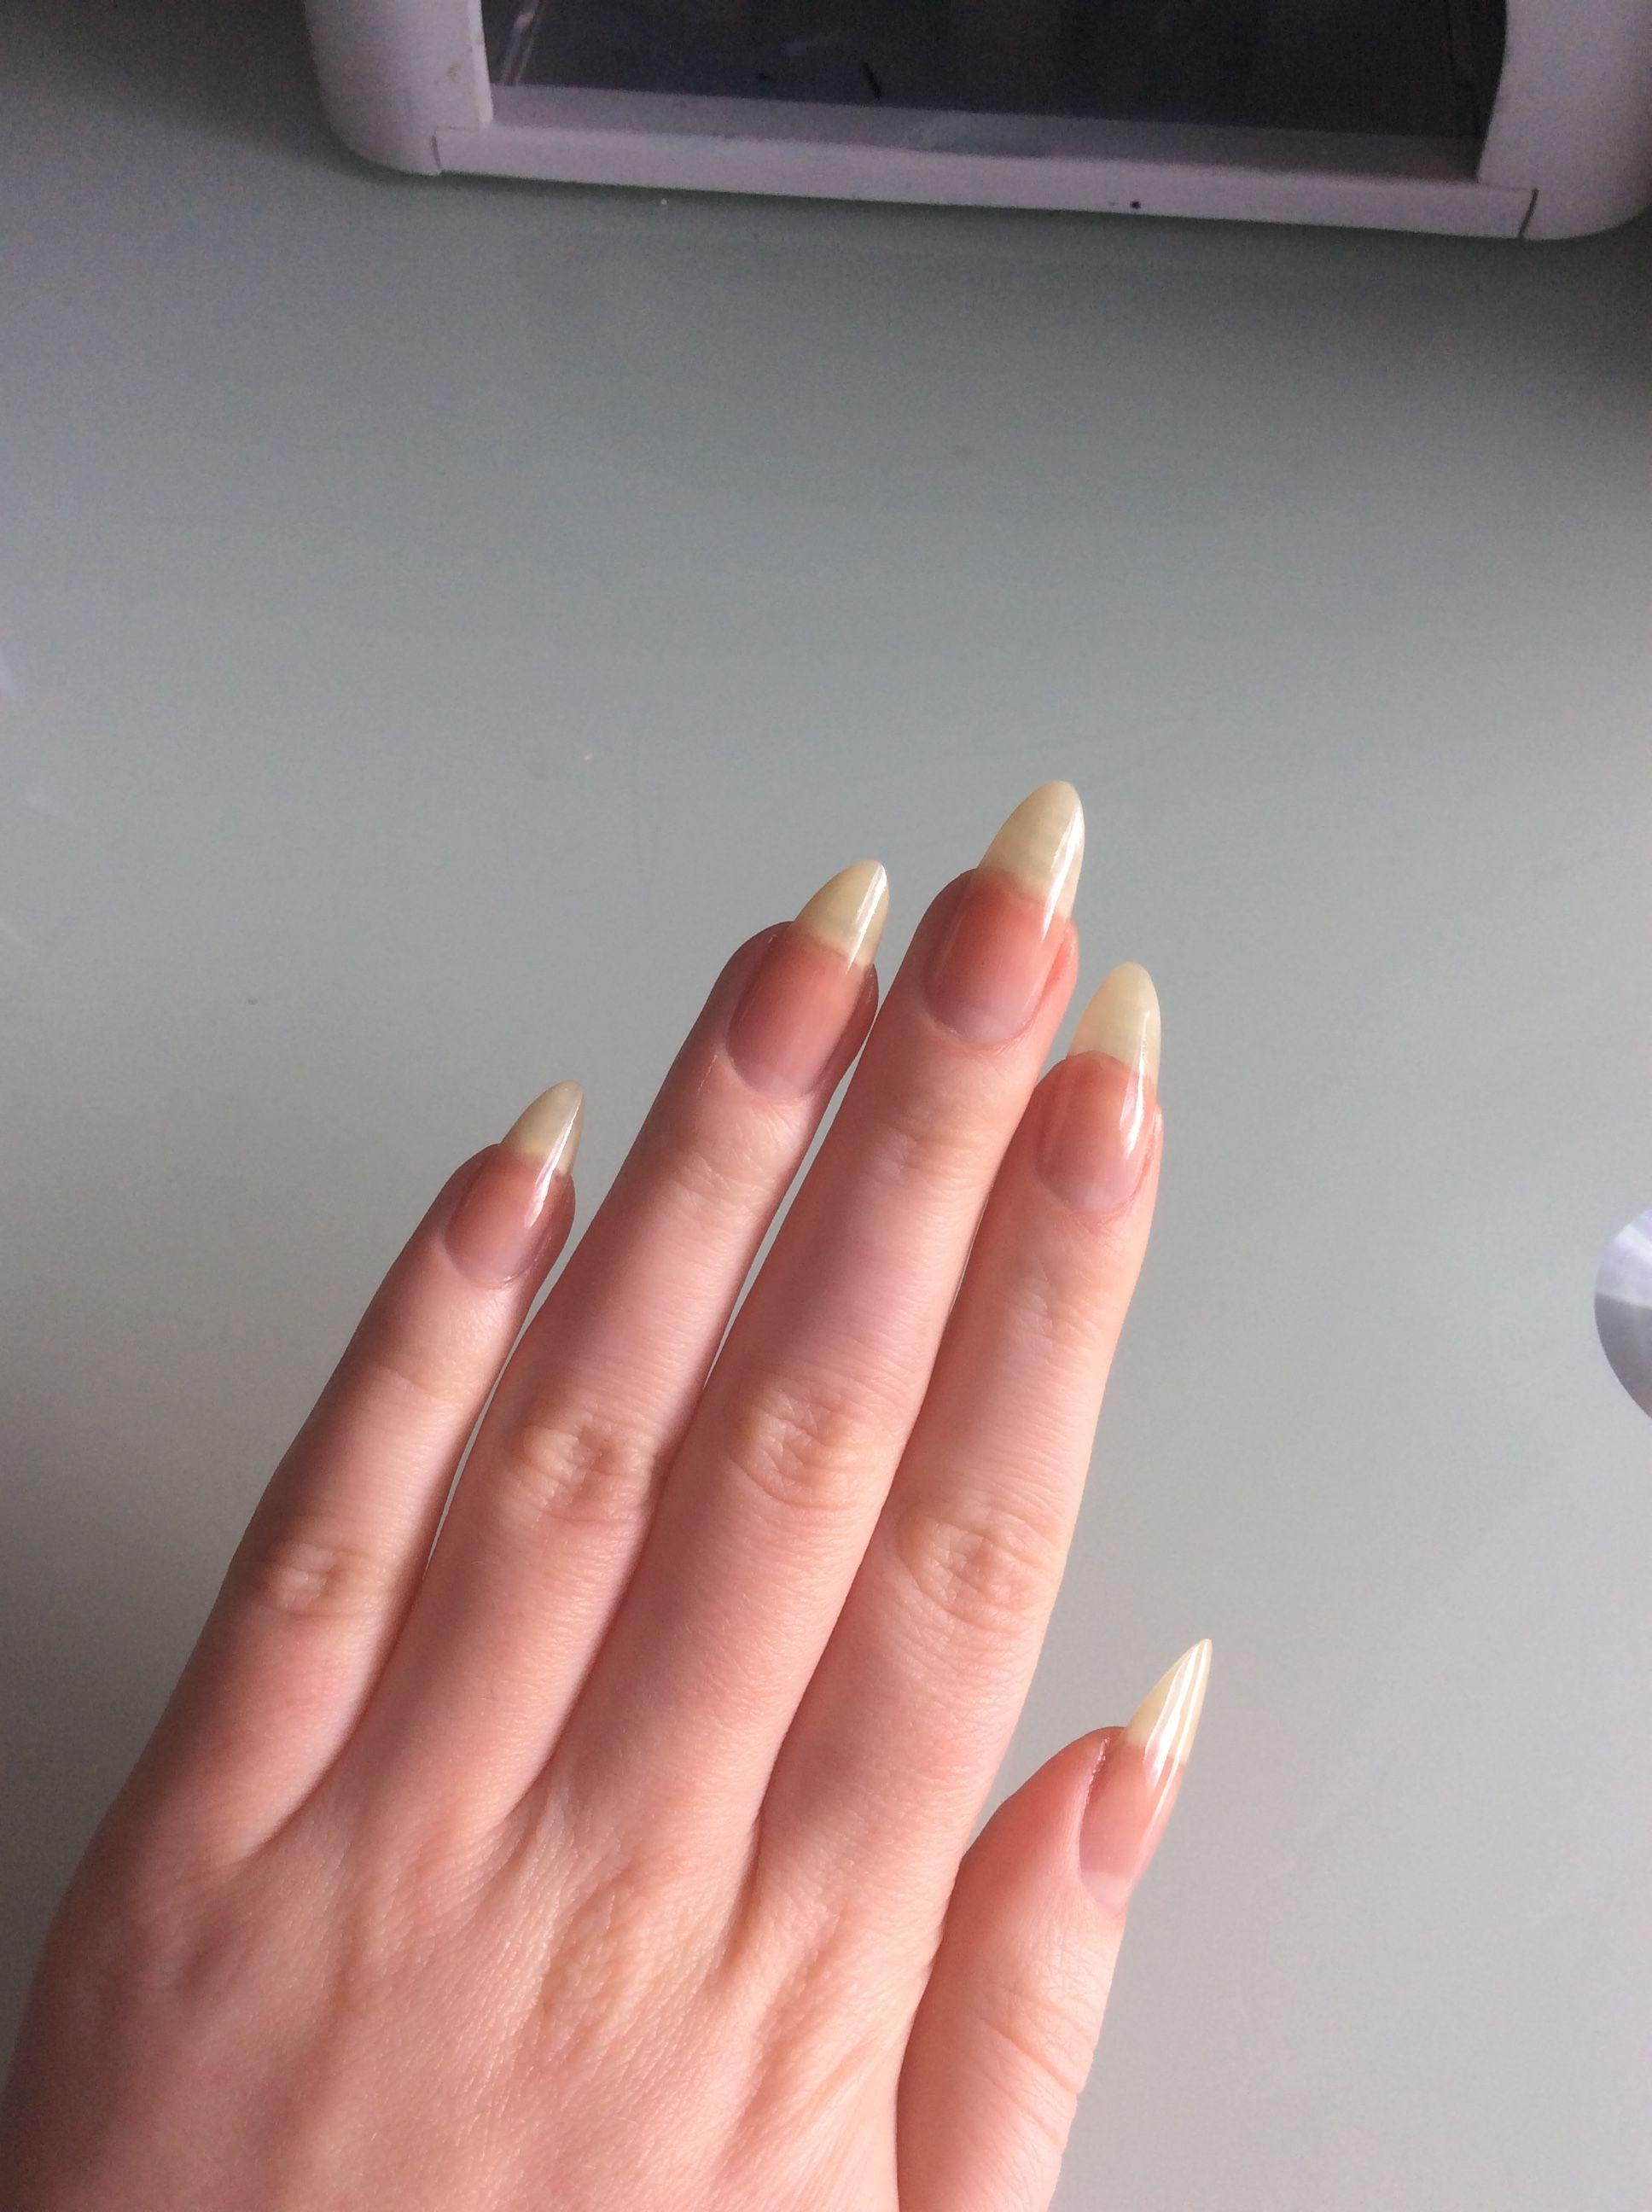 Pin by Kat on Natural nails | Pinterest | Natural nails, Short ...